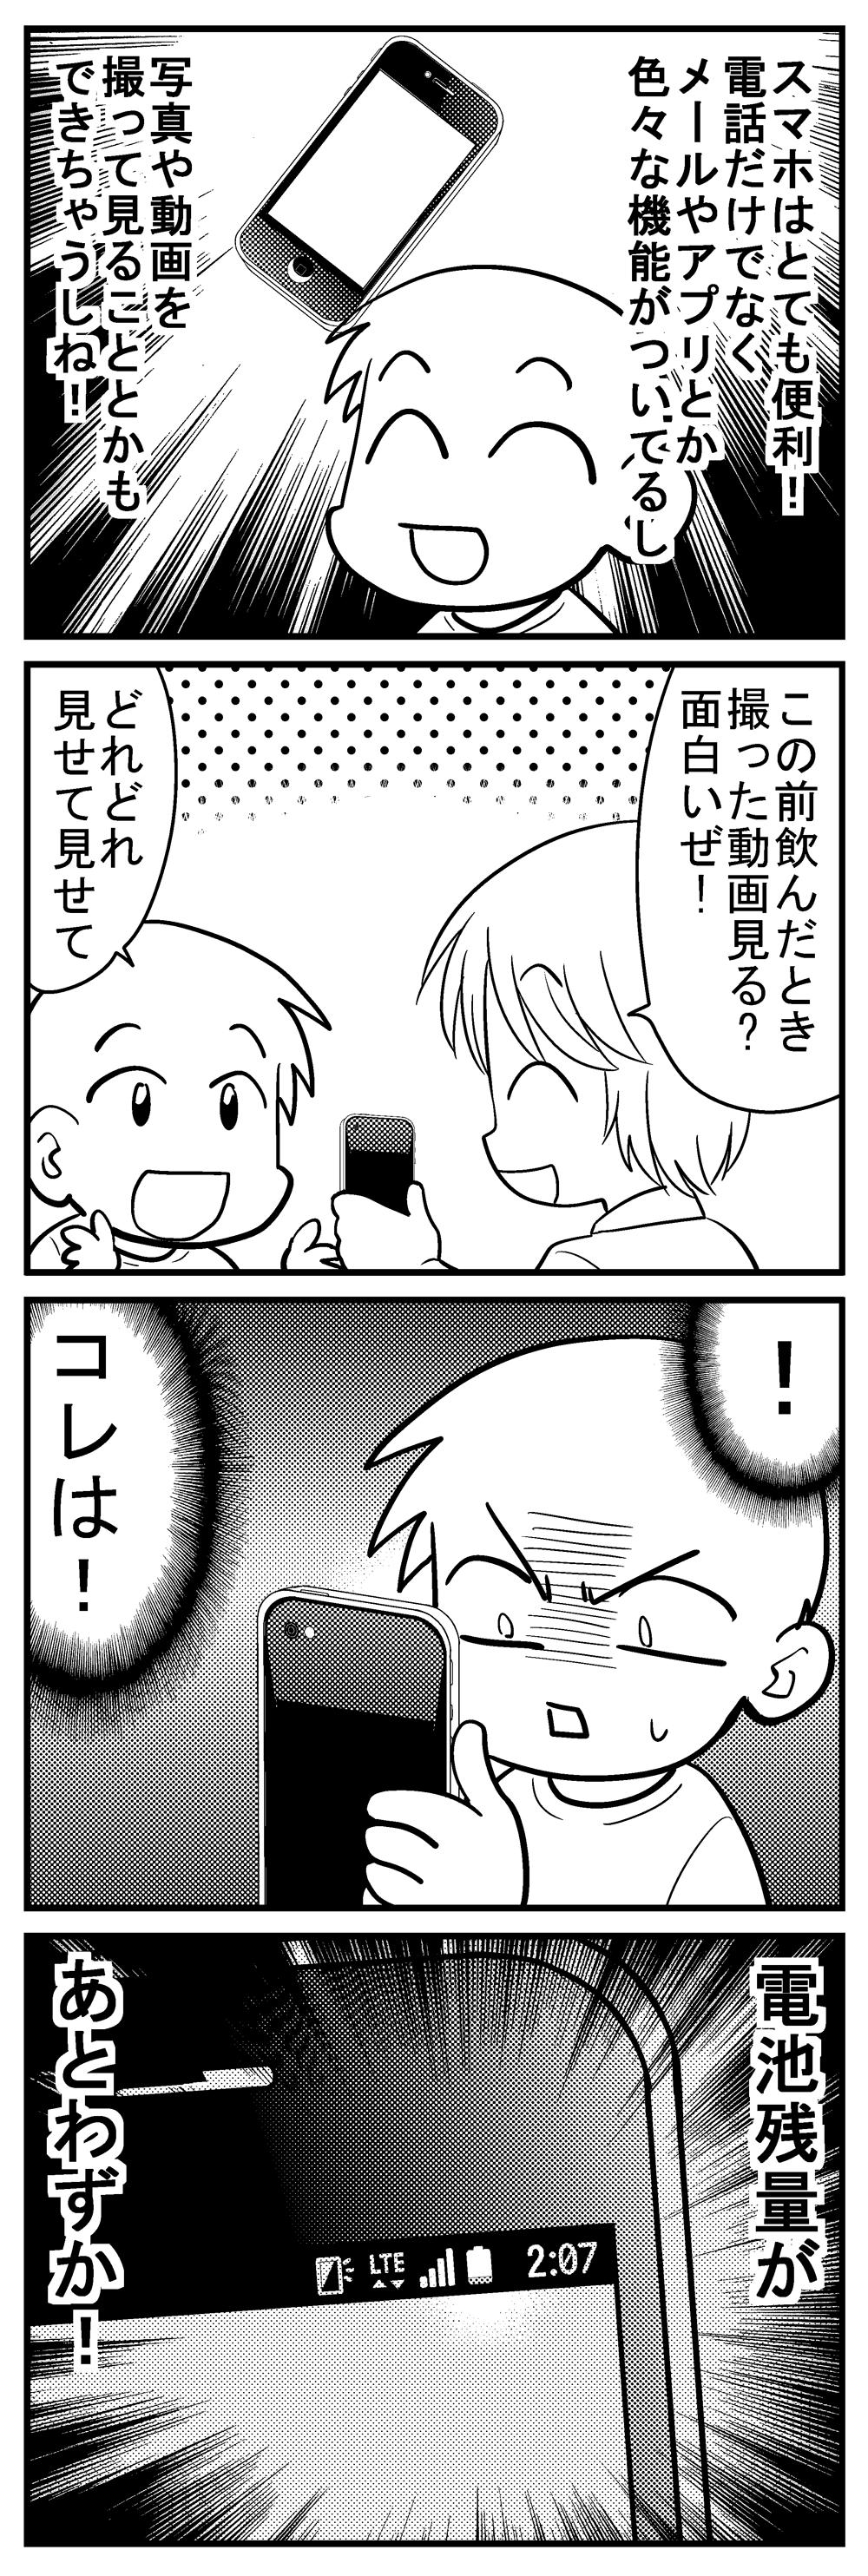 深読みくん141